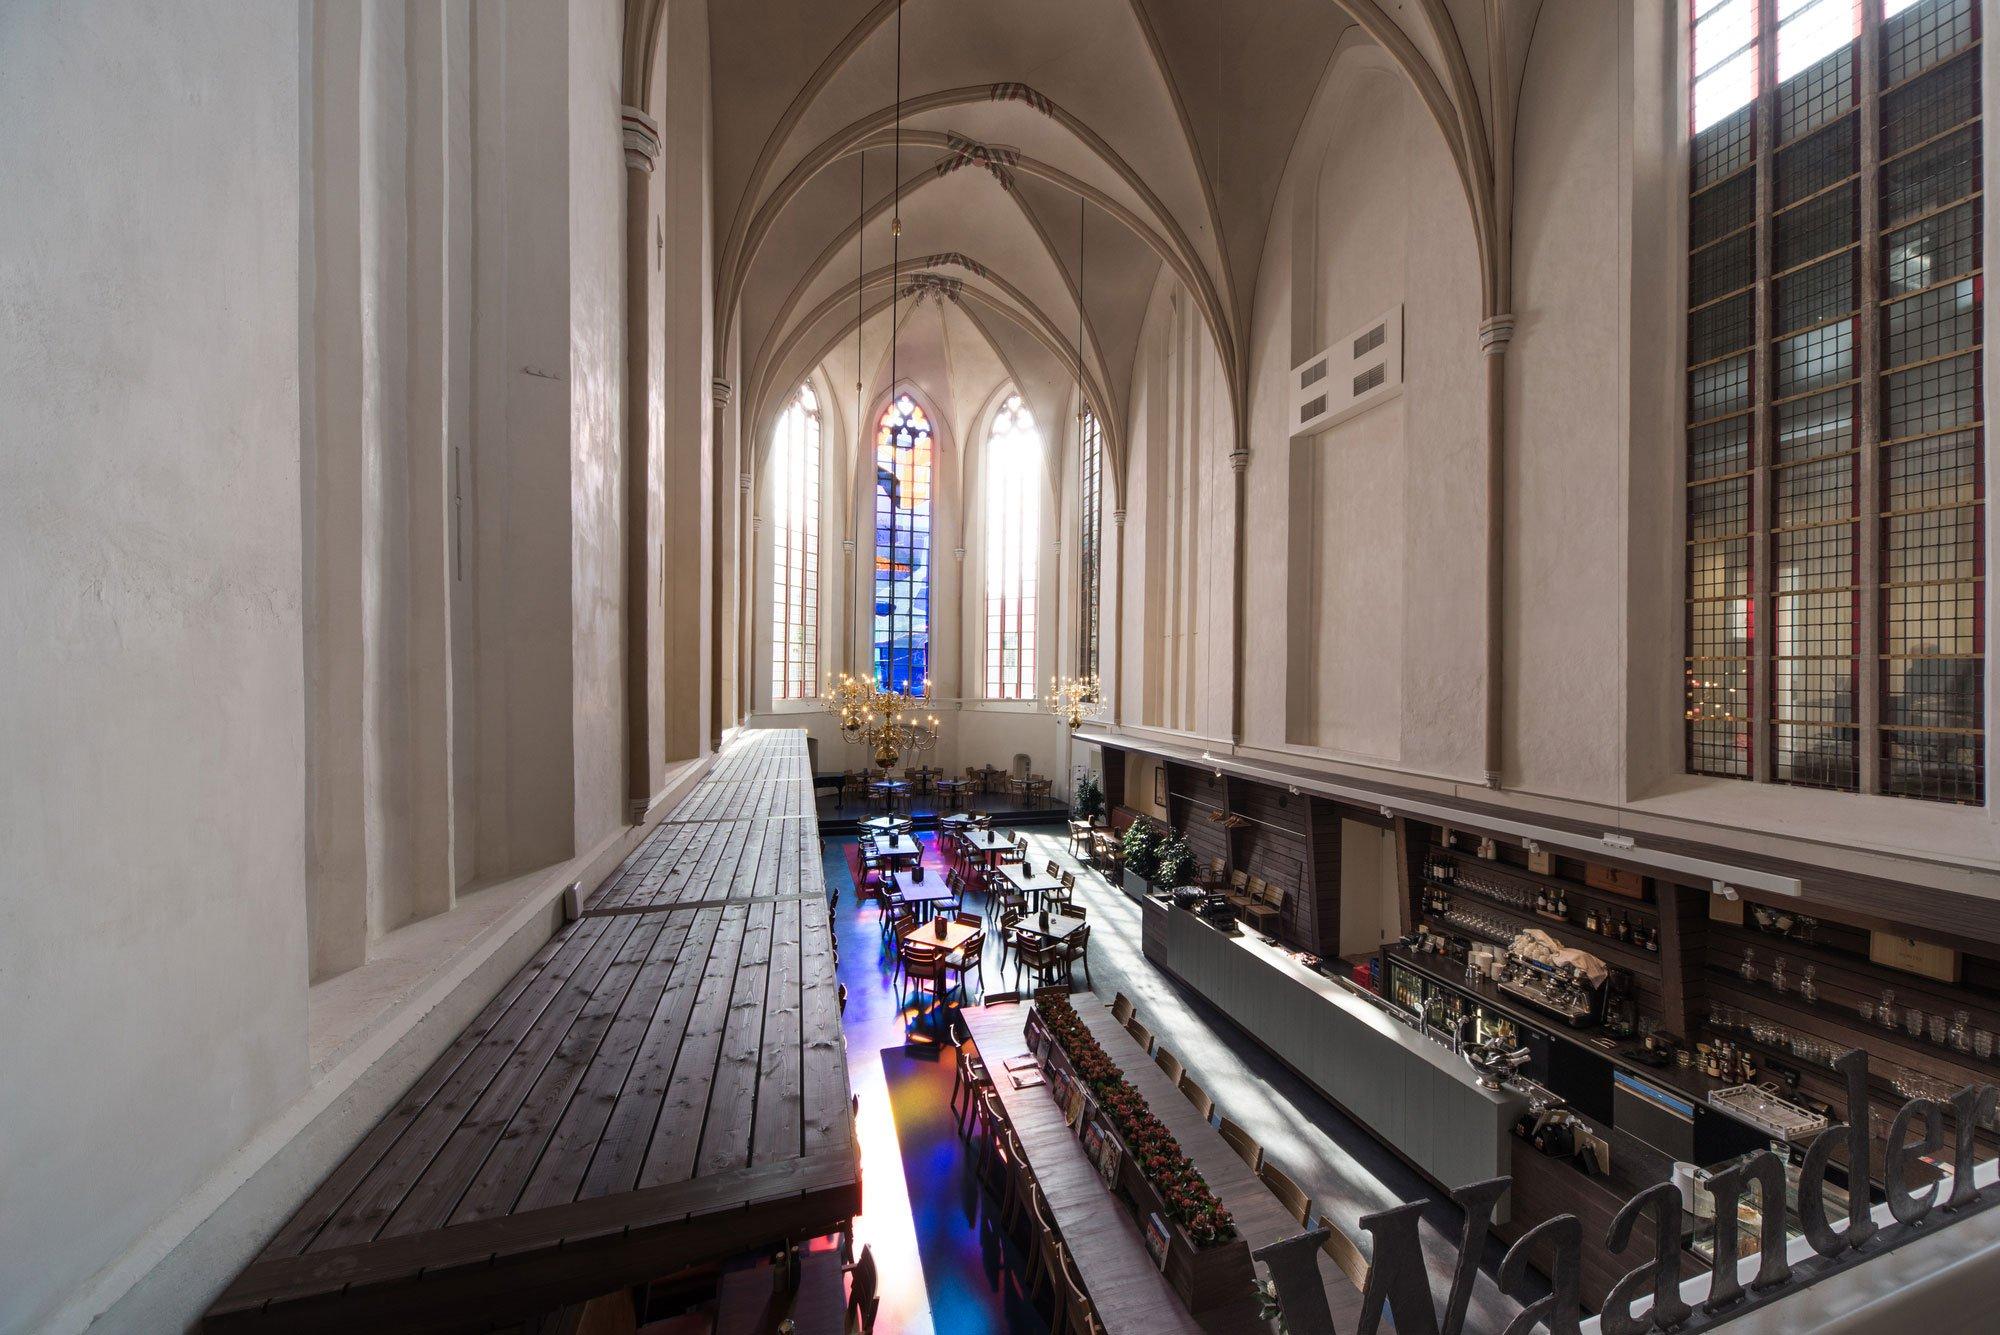 Waanders-In-de-Broeren-16